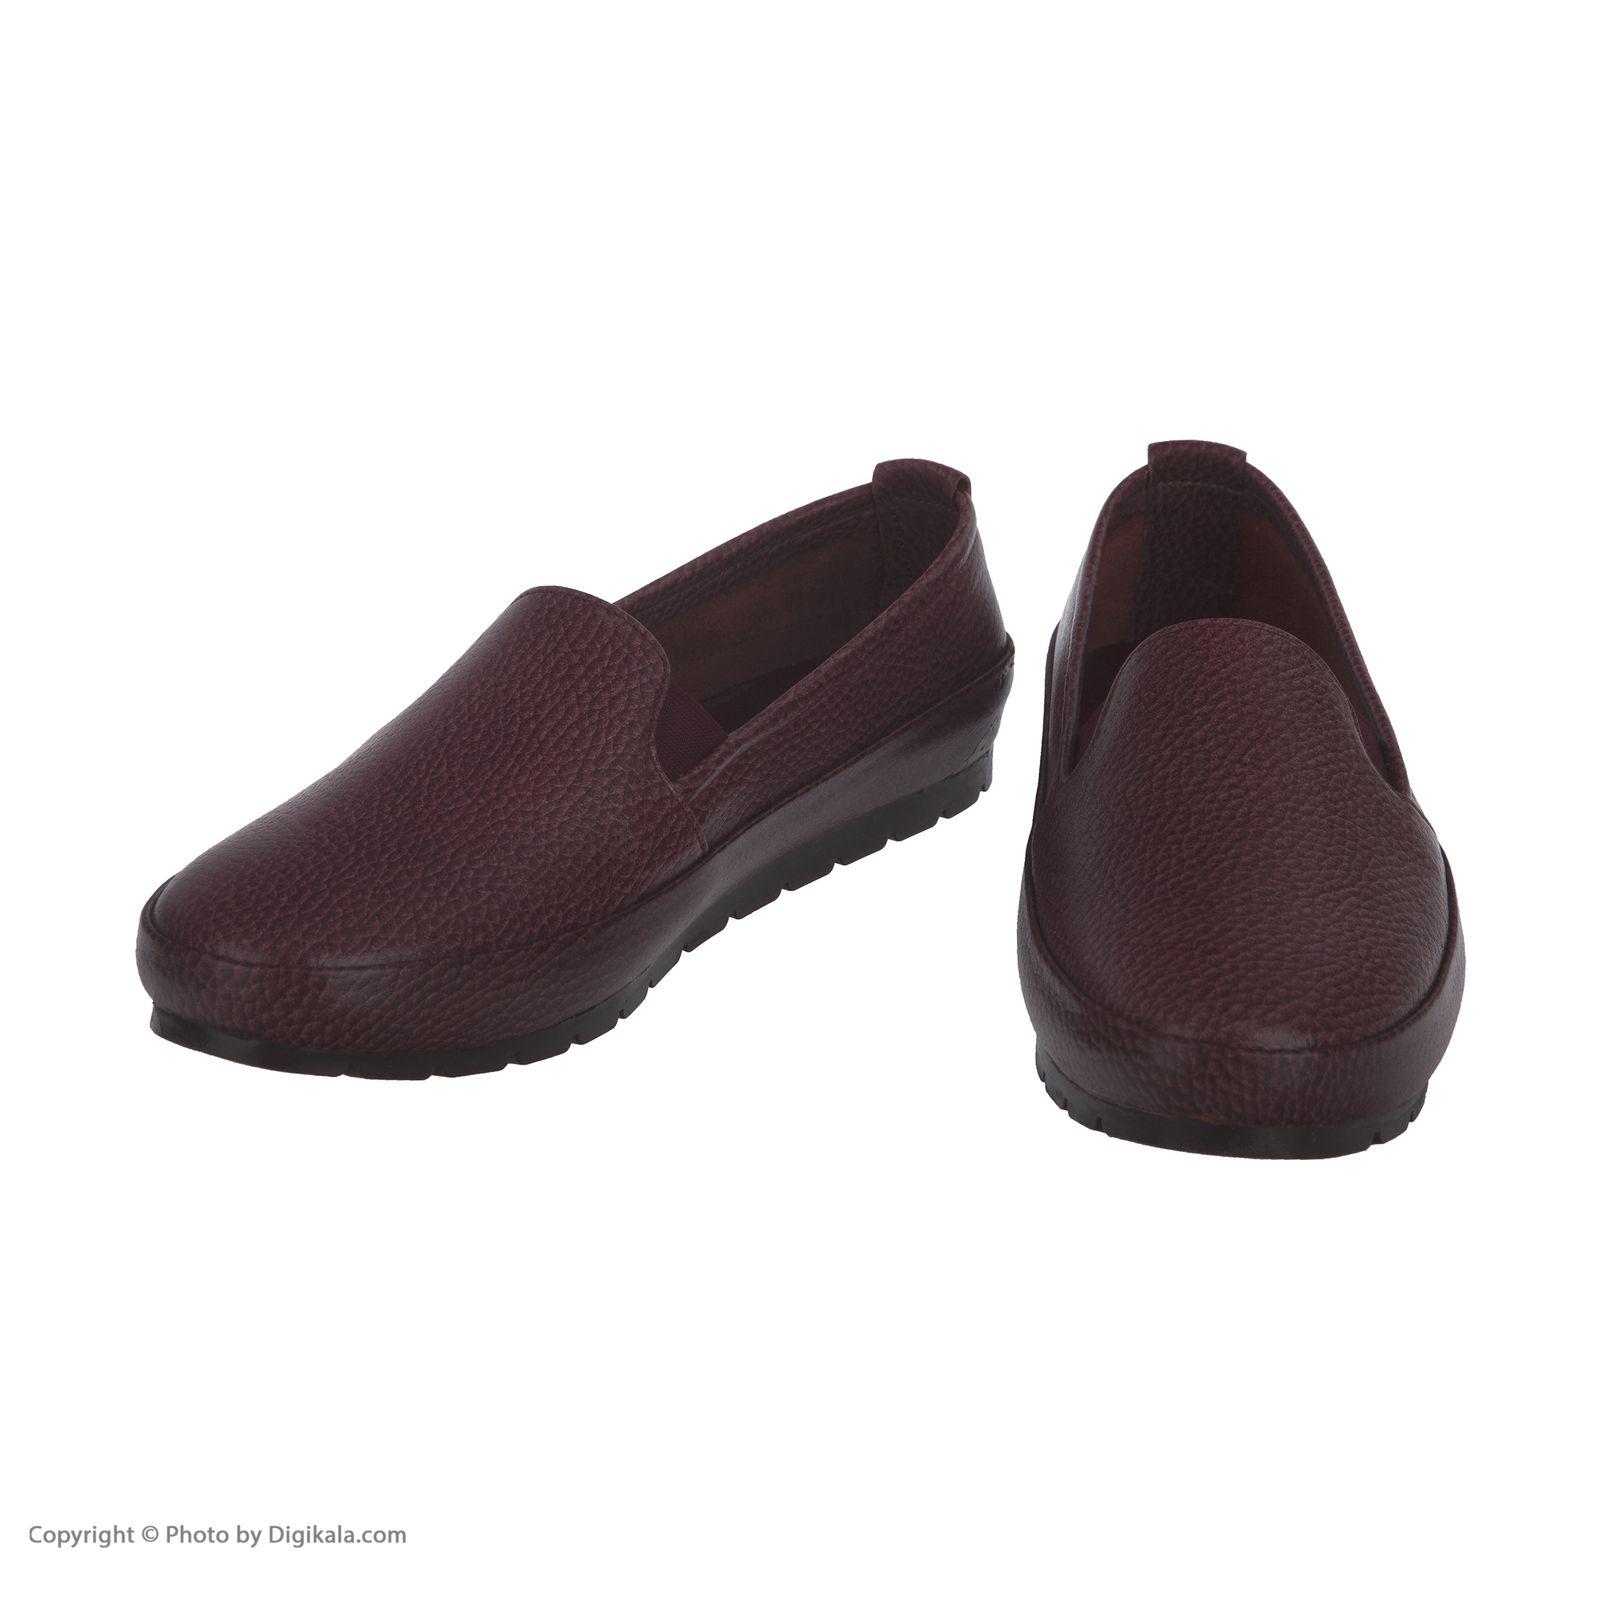 کفش روزمره زنانه بلوط مدل 5313A500115 -  - 6